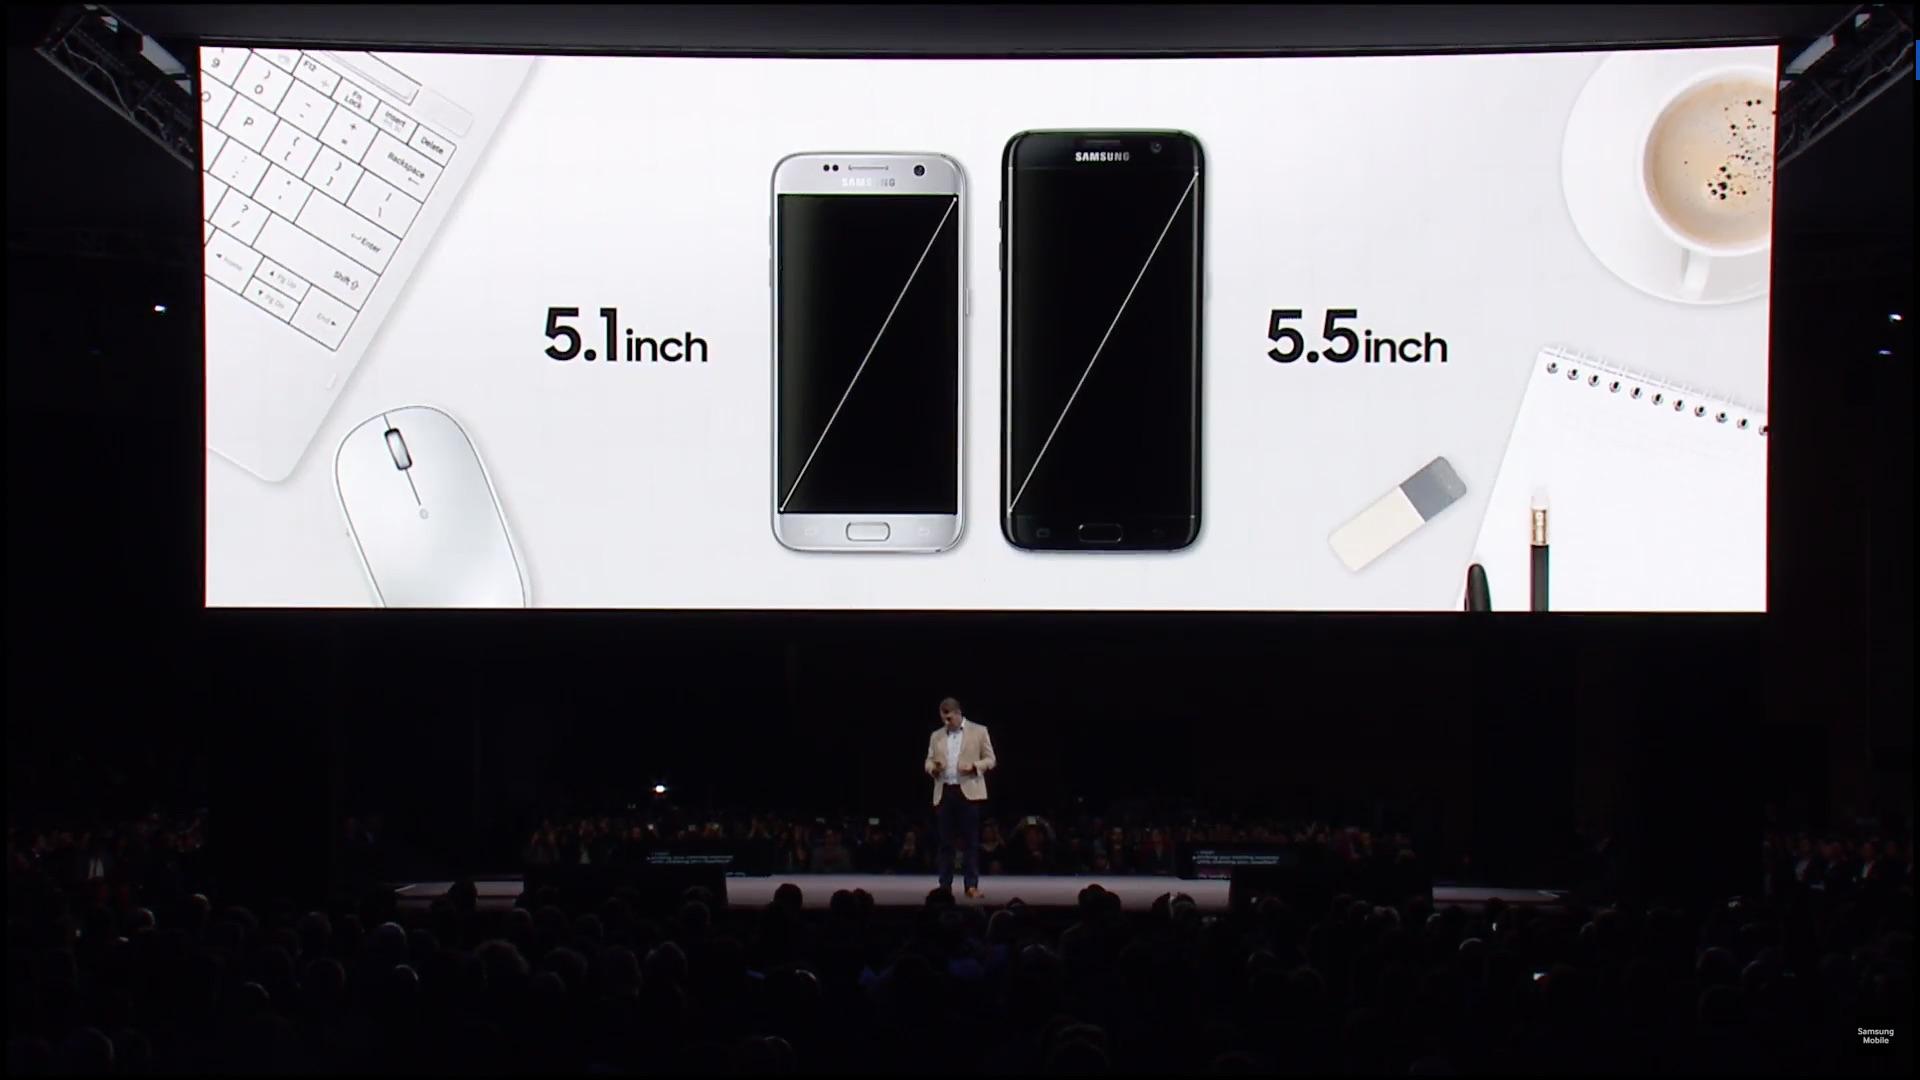 Tailles Ecrans - Samsung Galaxy S7 - Galaxy S7 edge - Mobile World Congress 2016